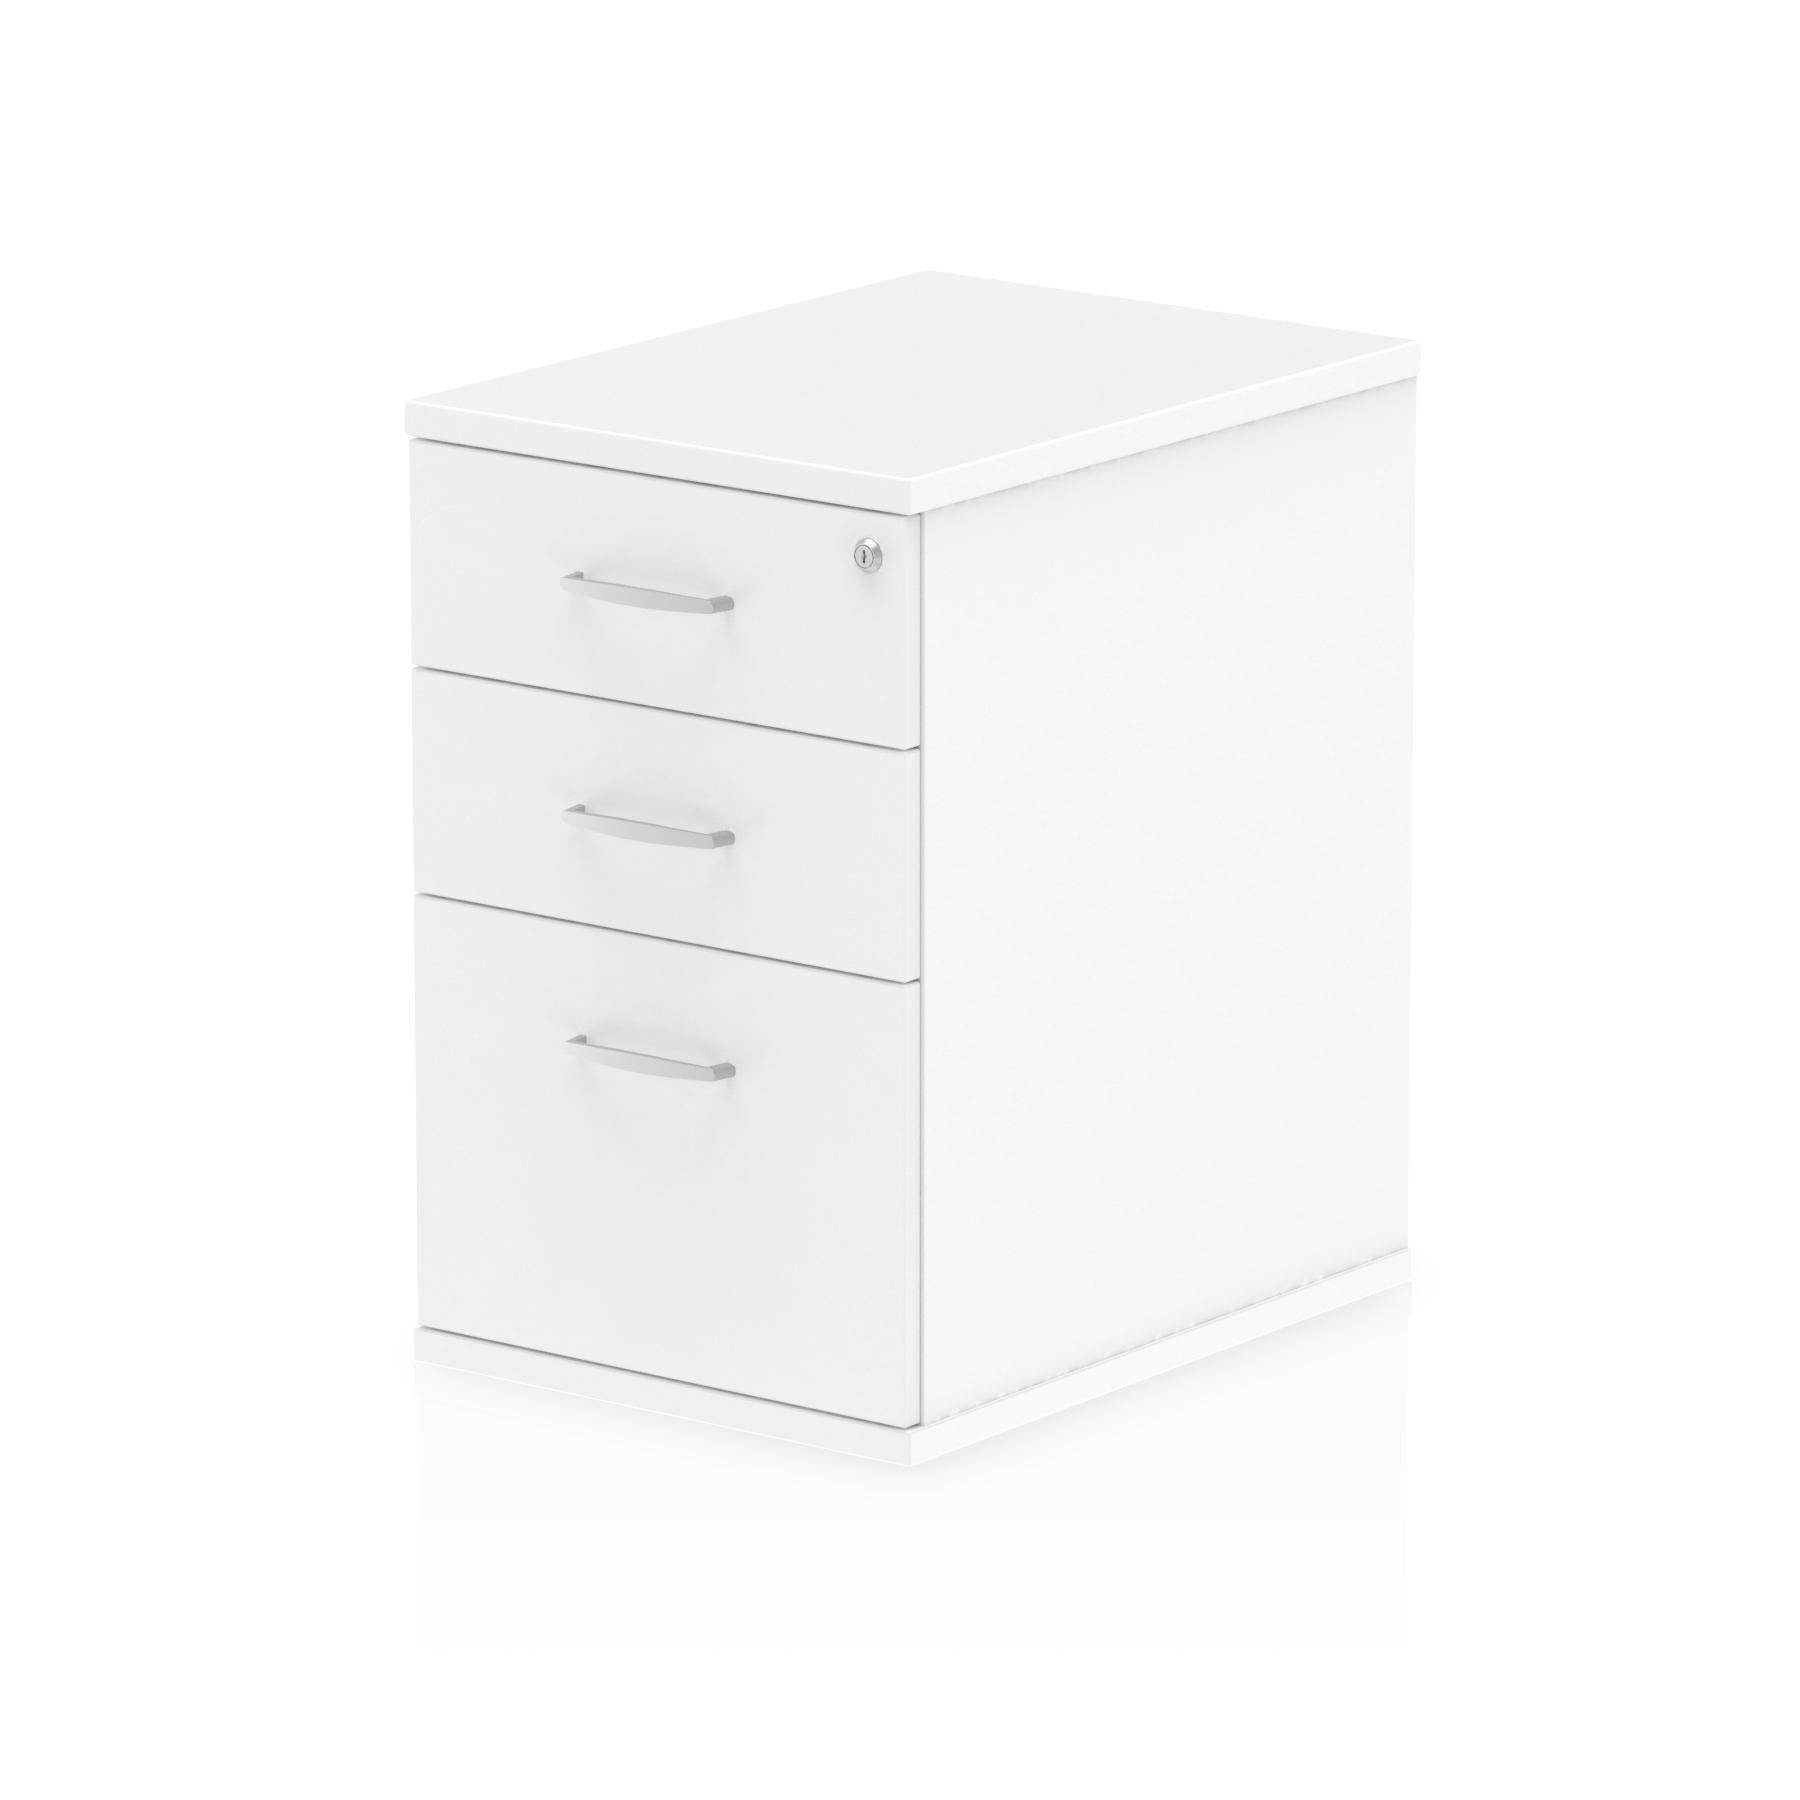 Impulse 600 Desk High Pedestal 3 Drawer White